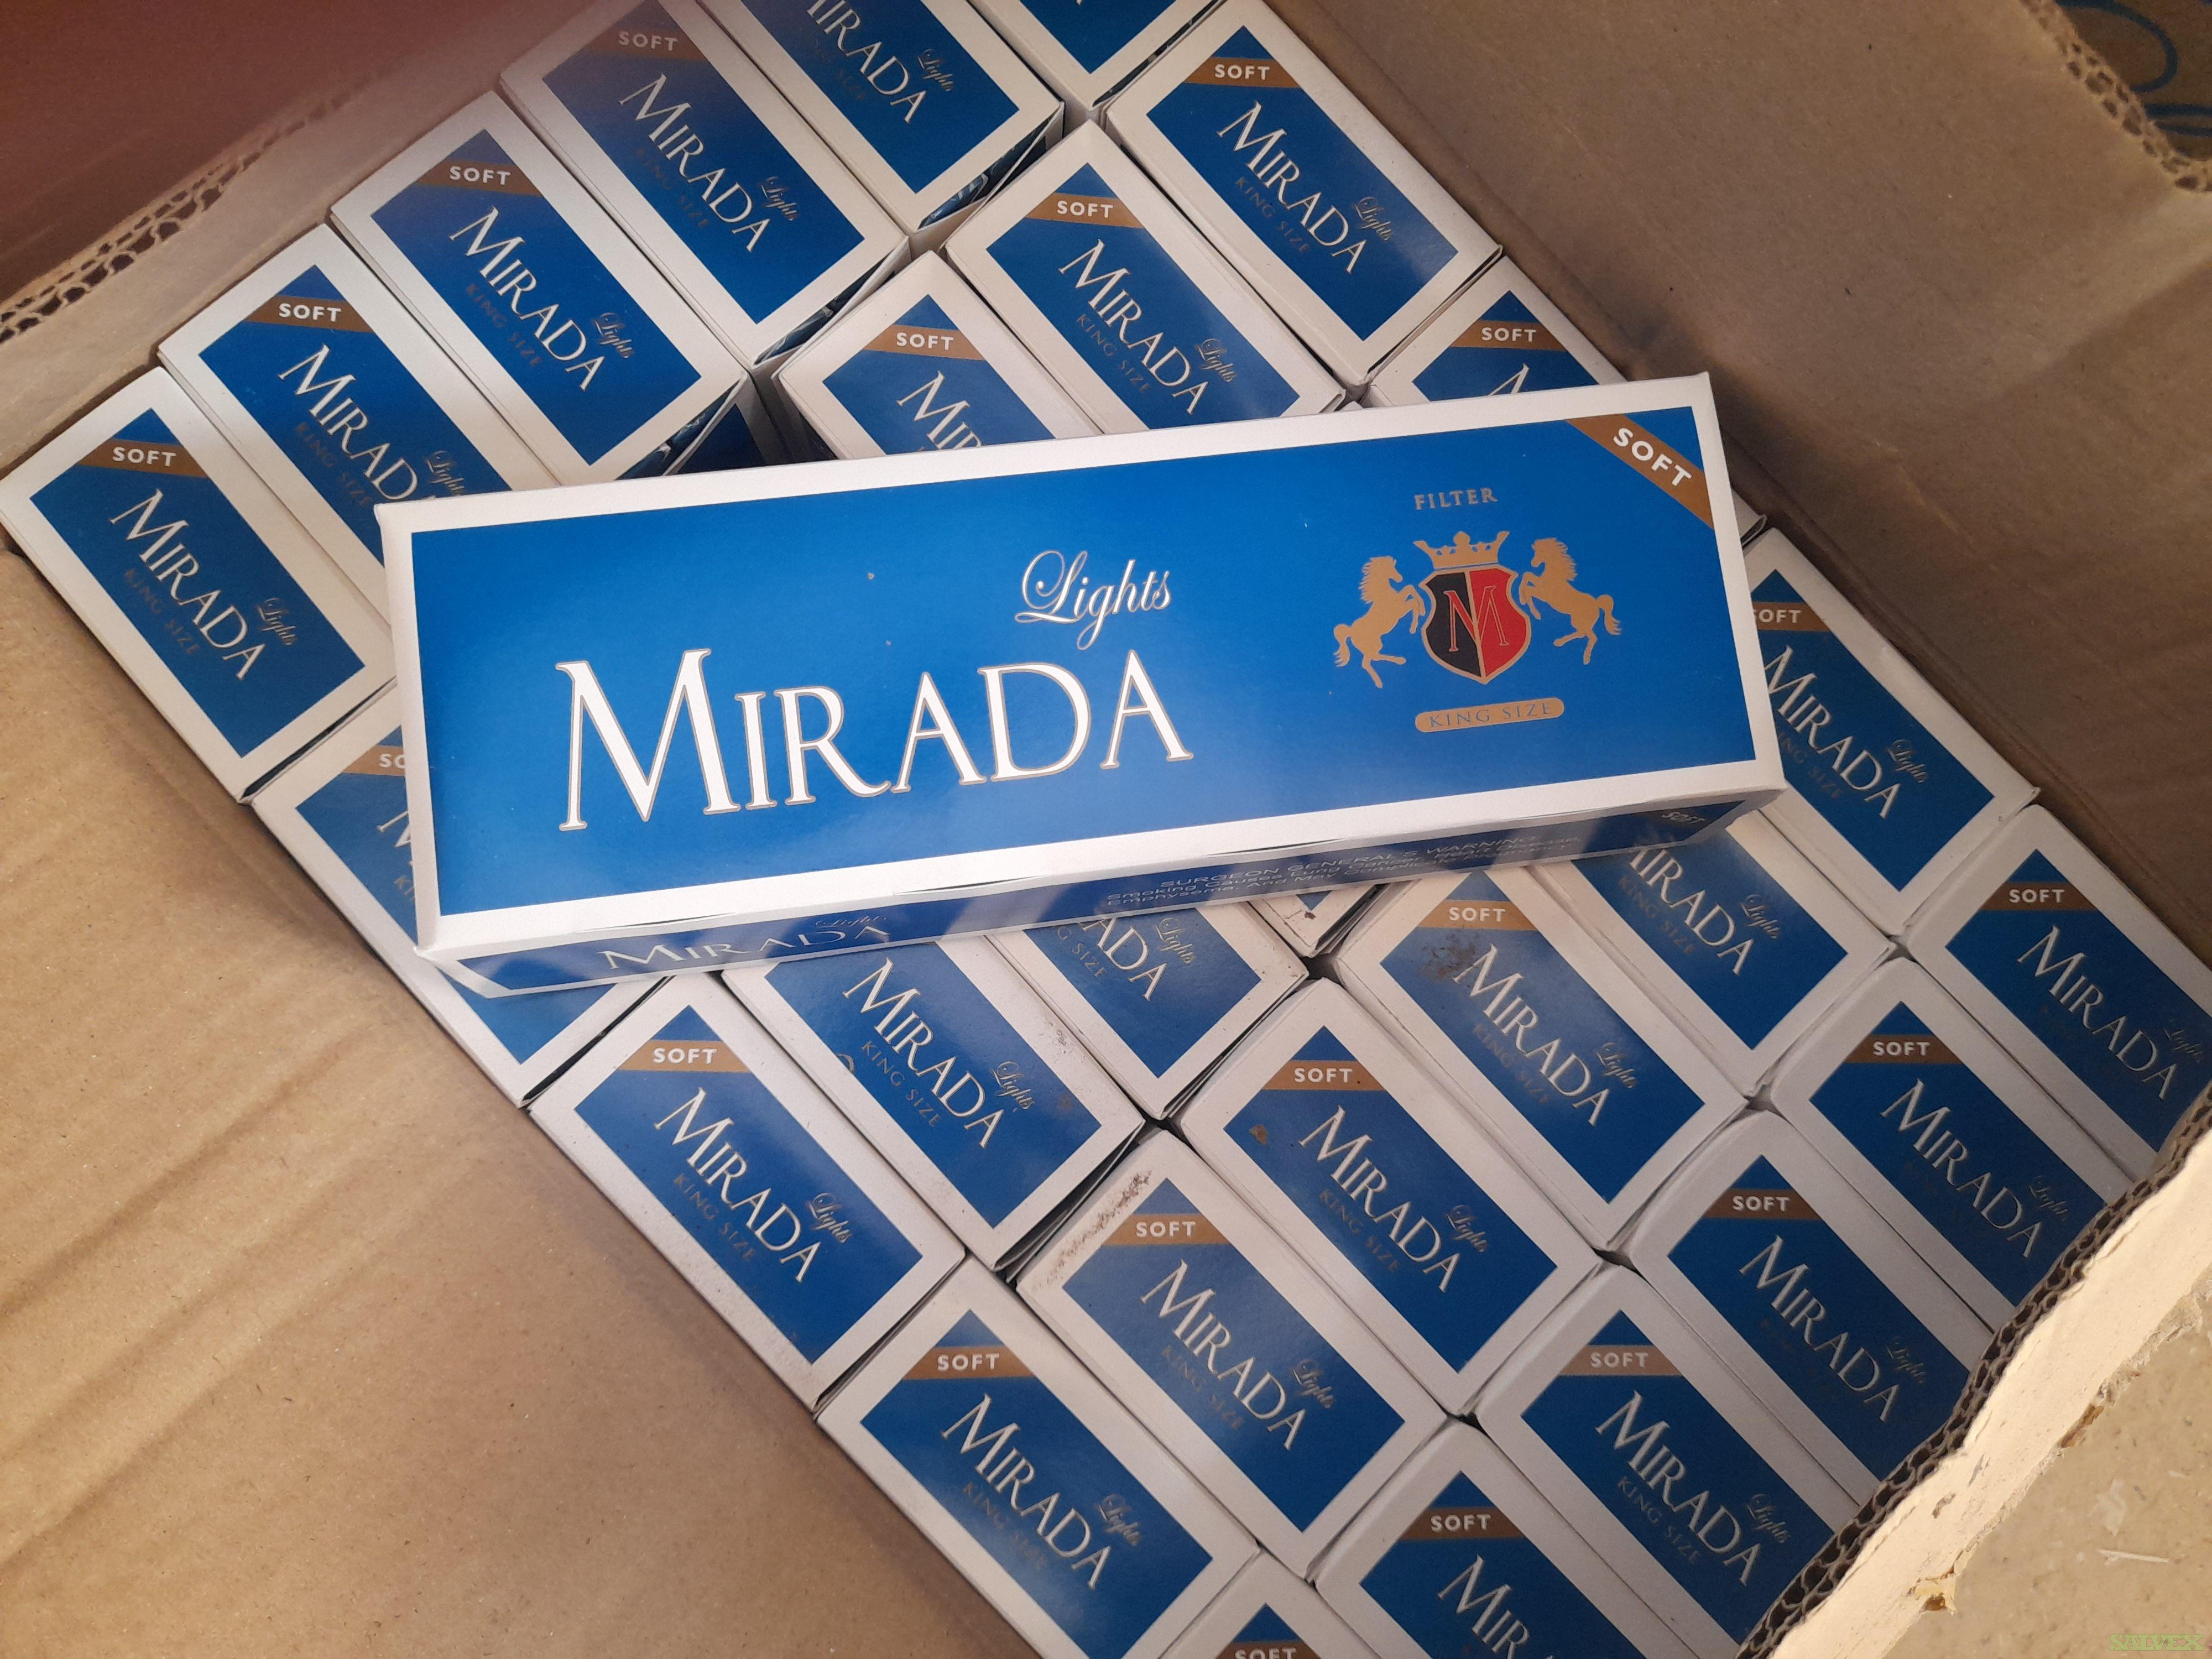 Yukon and Mirada Brands Cigarettes (640 Cases)